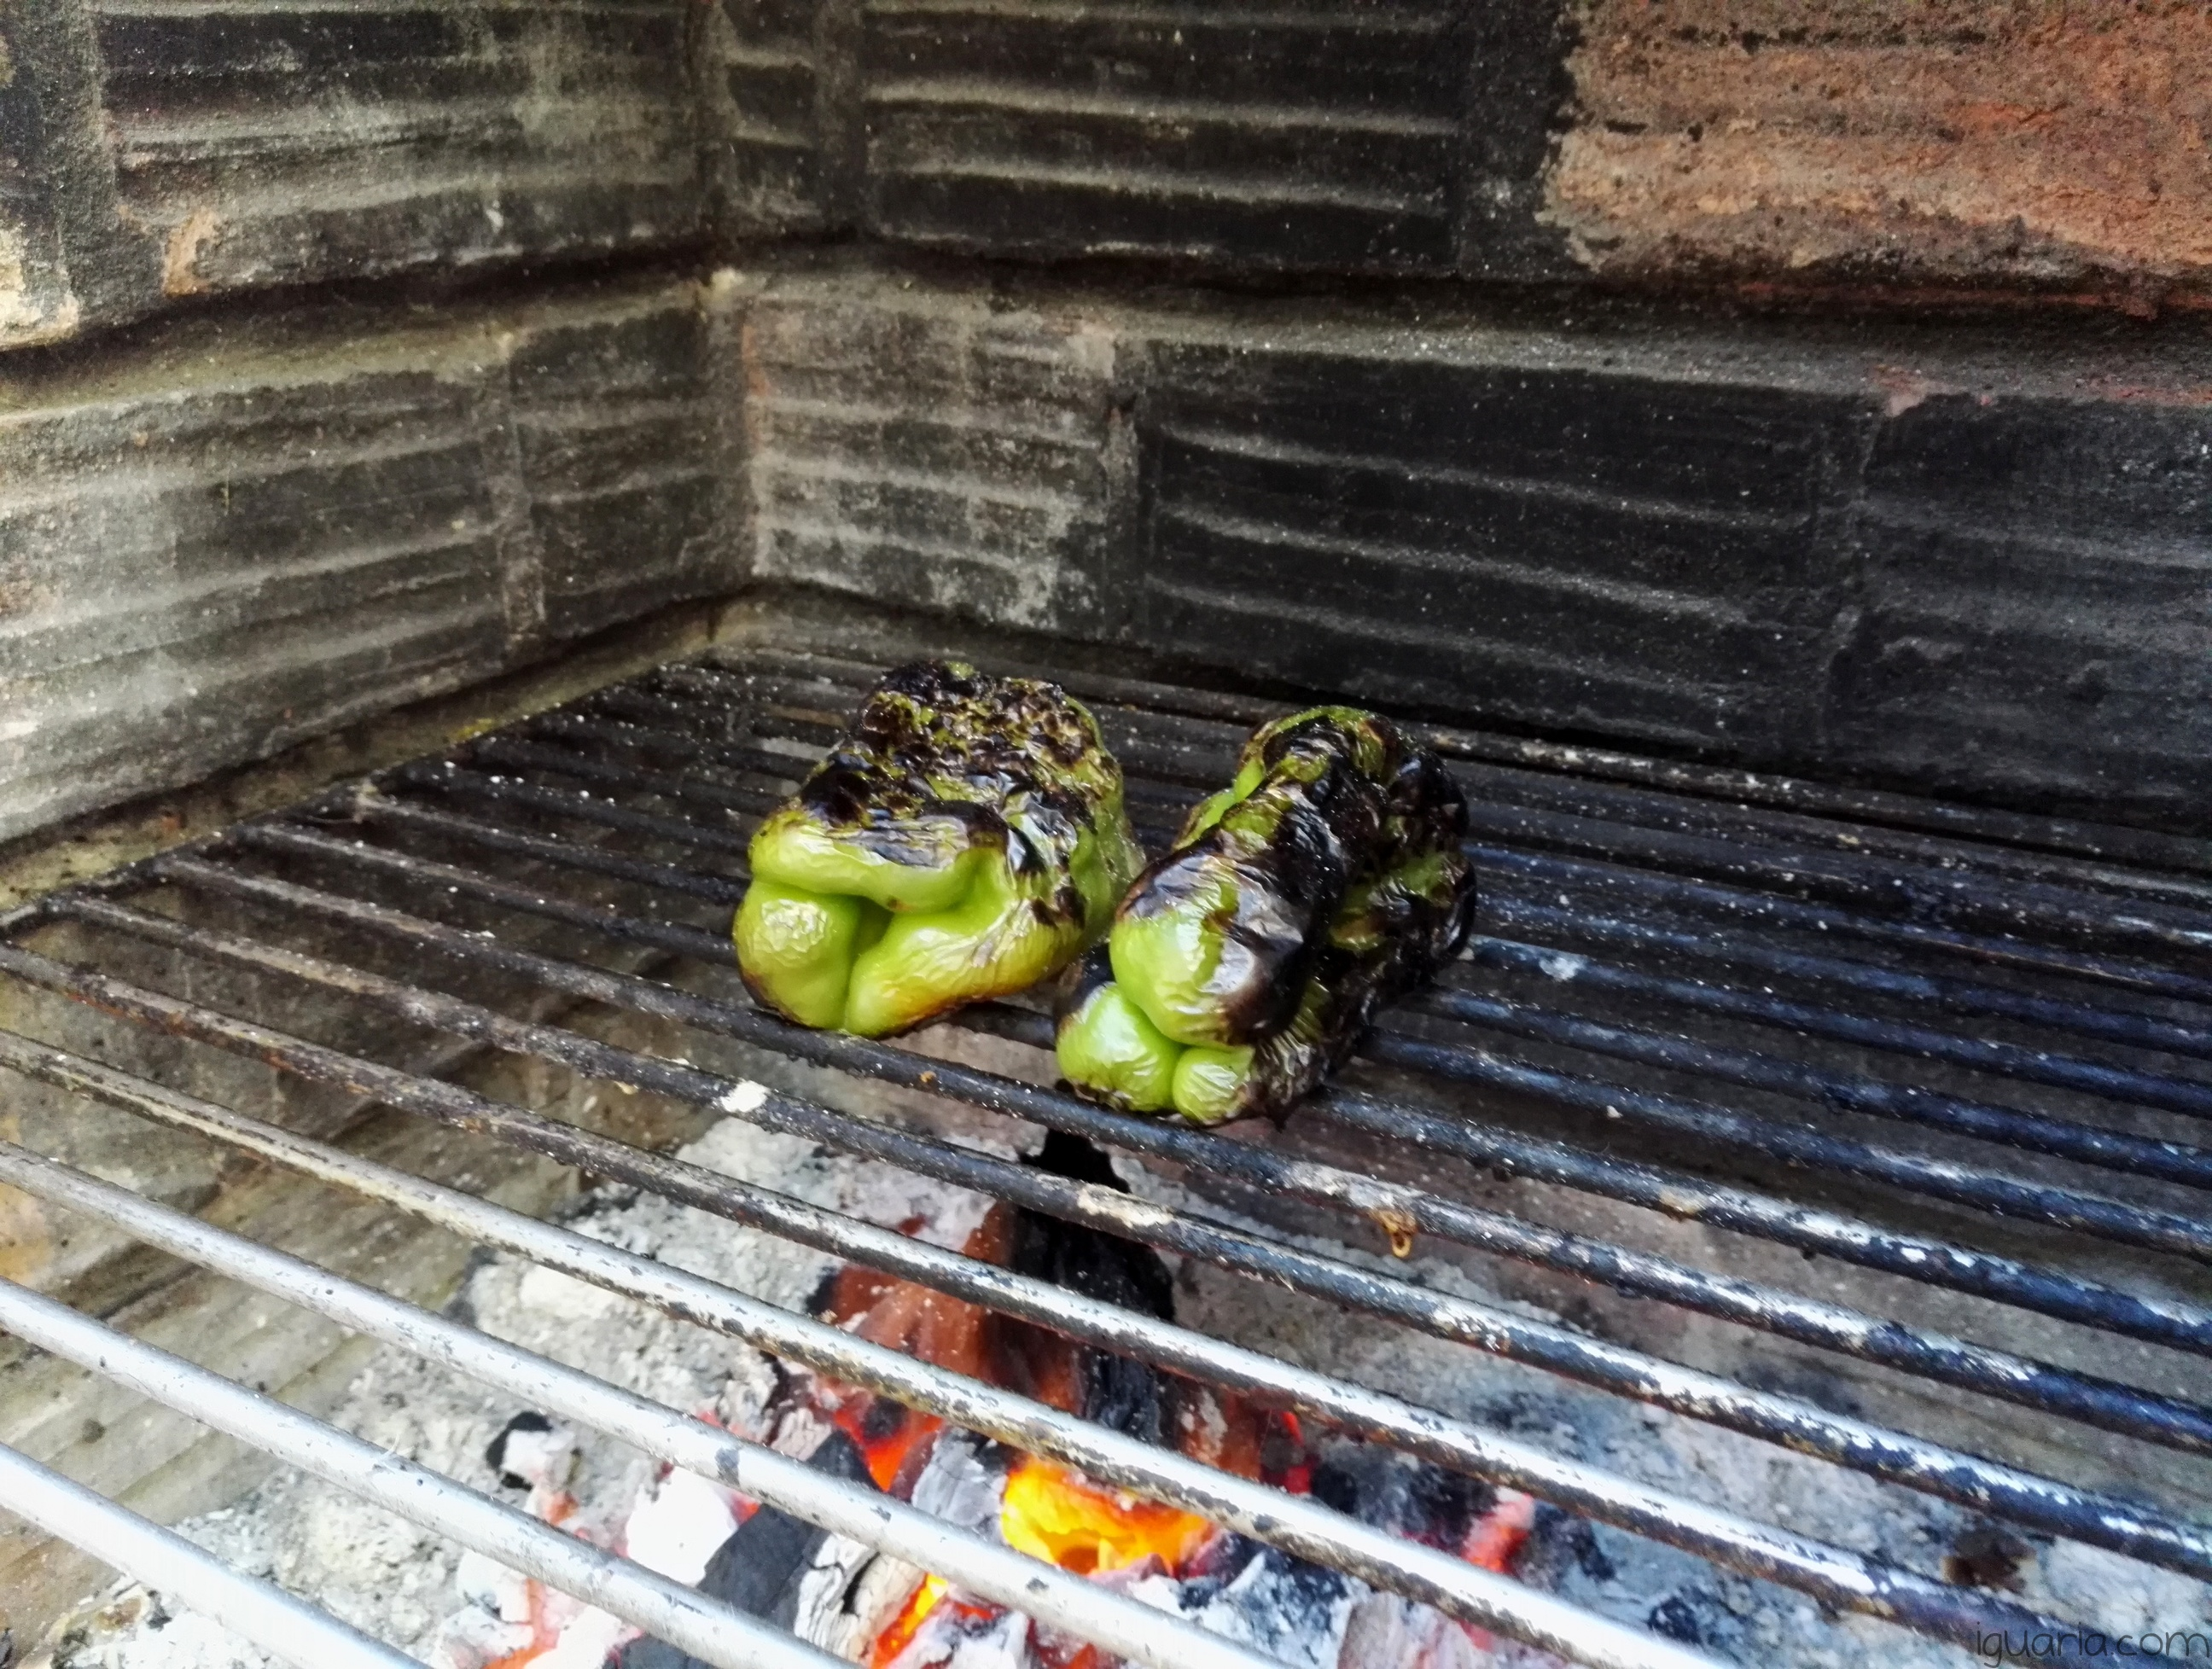 iguaria-pimentos-verdes-com-pele-torrada